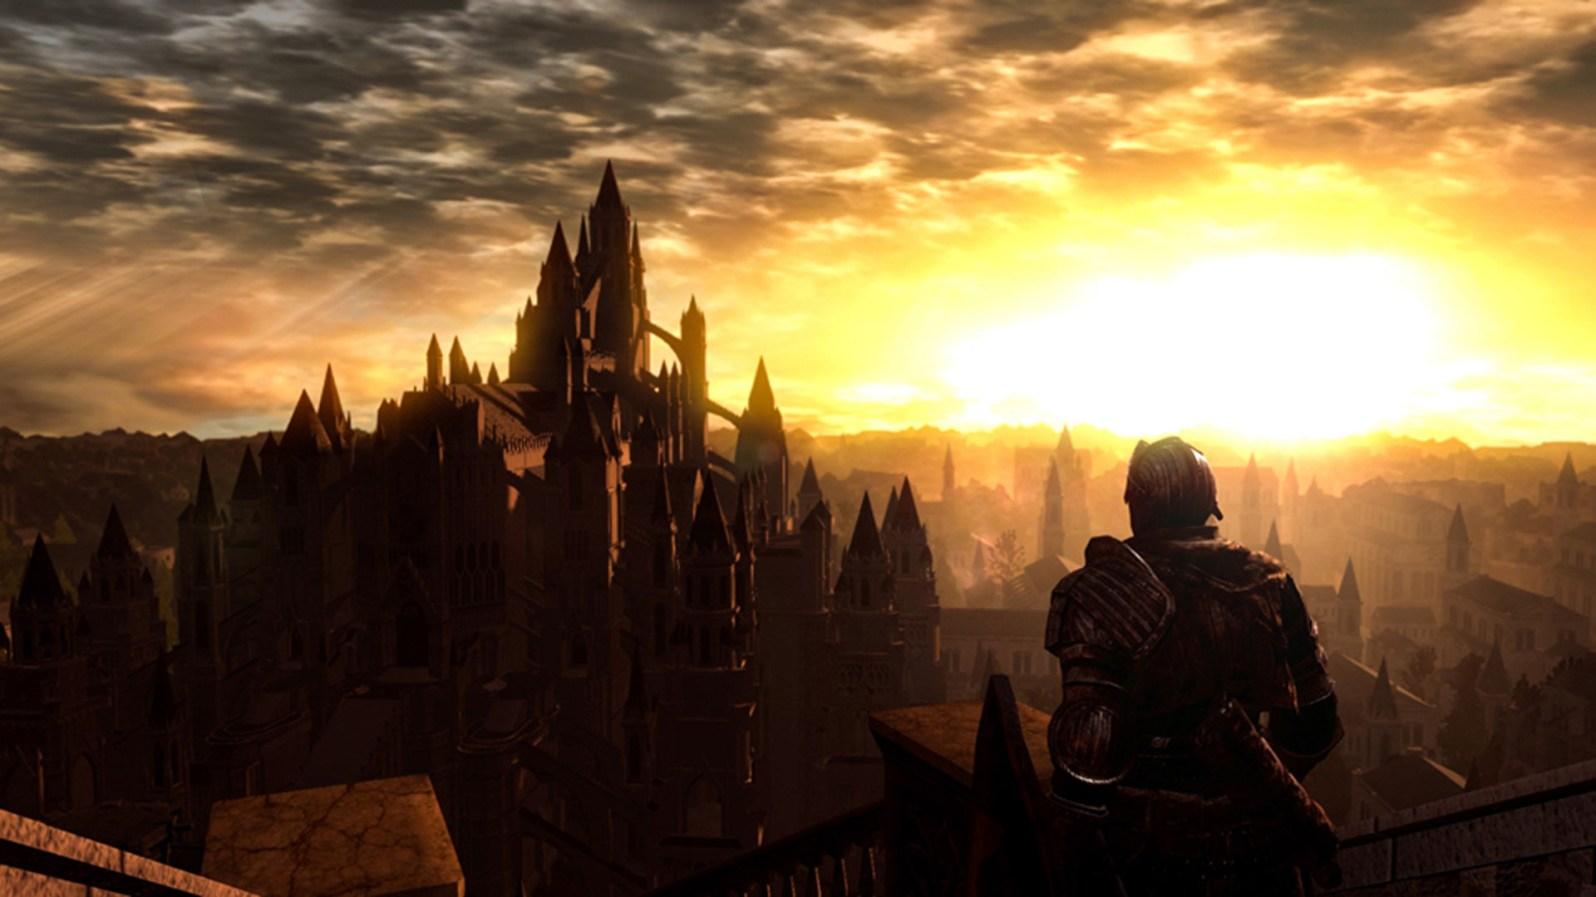 Dark Souls: Remastered - Anor Londo